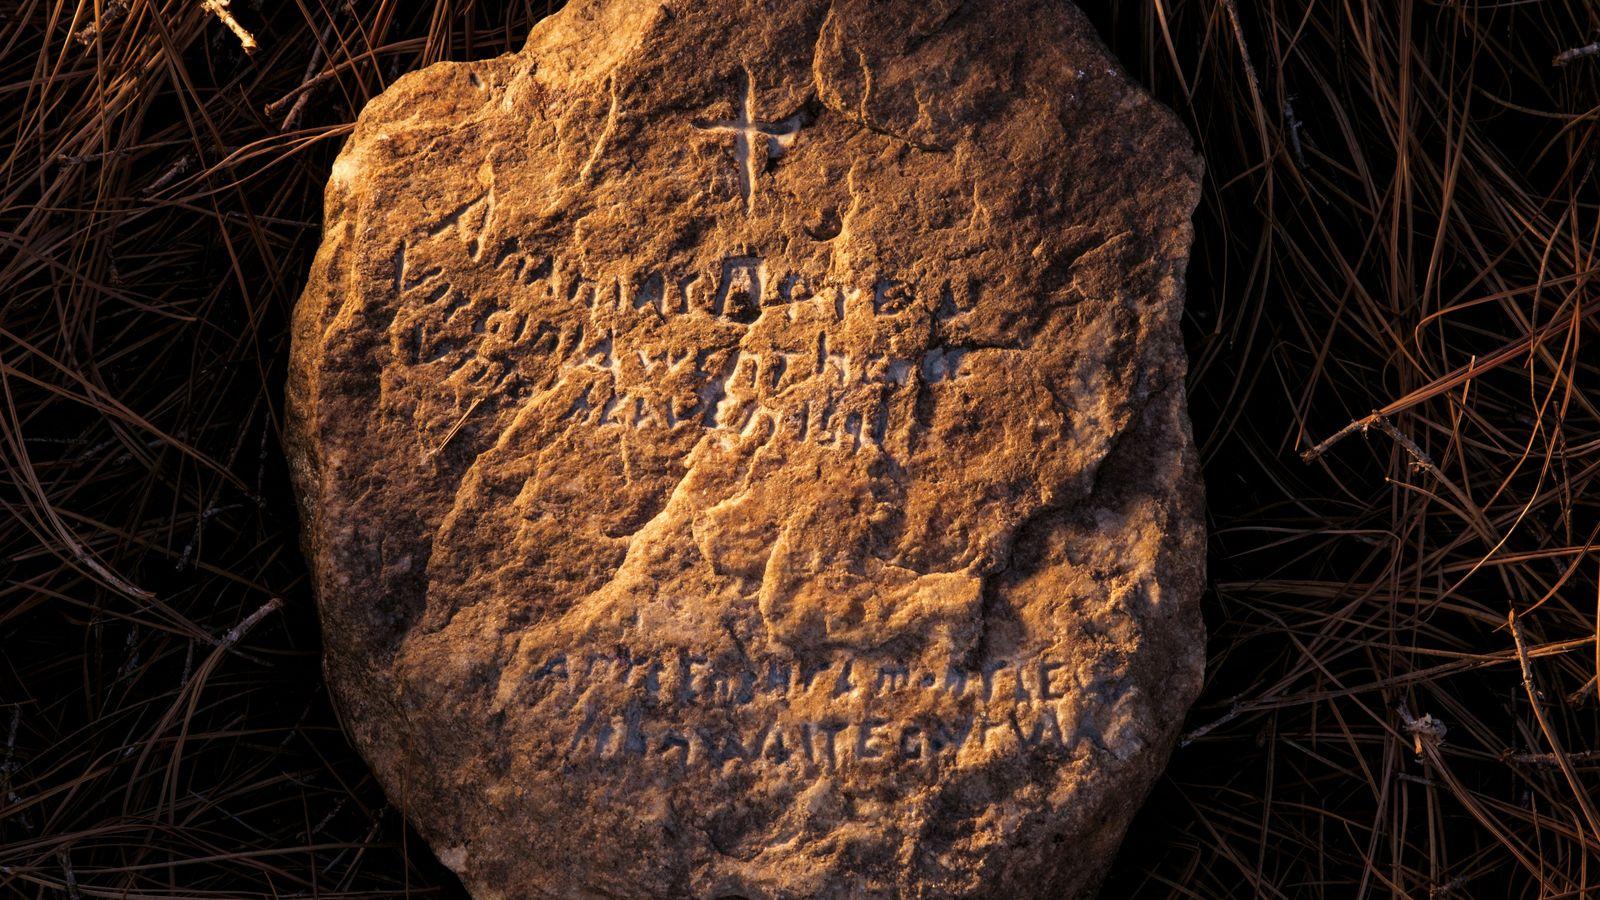 Selon la légende, Eleanor Dare, la fille du gouverneur John White, grava dans la pierre l'histoire ...